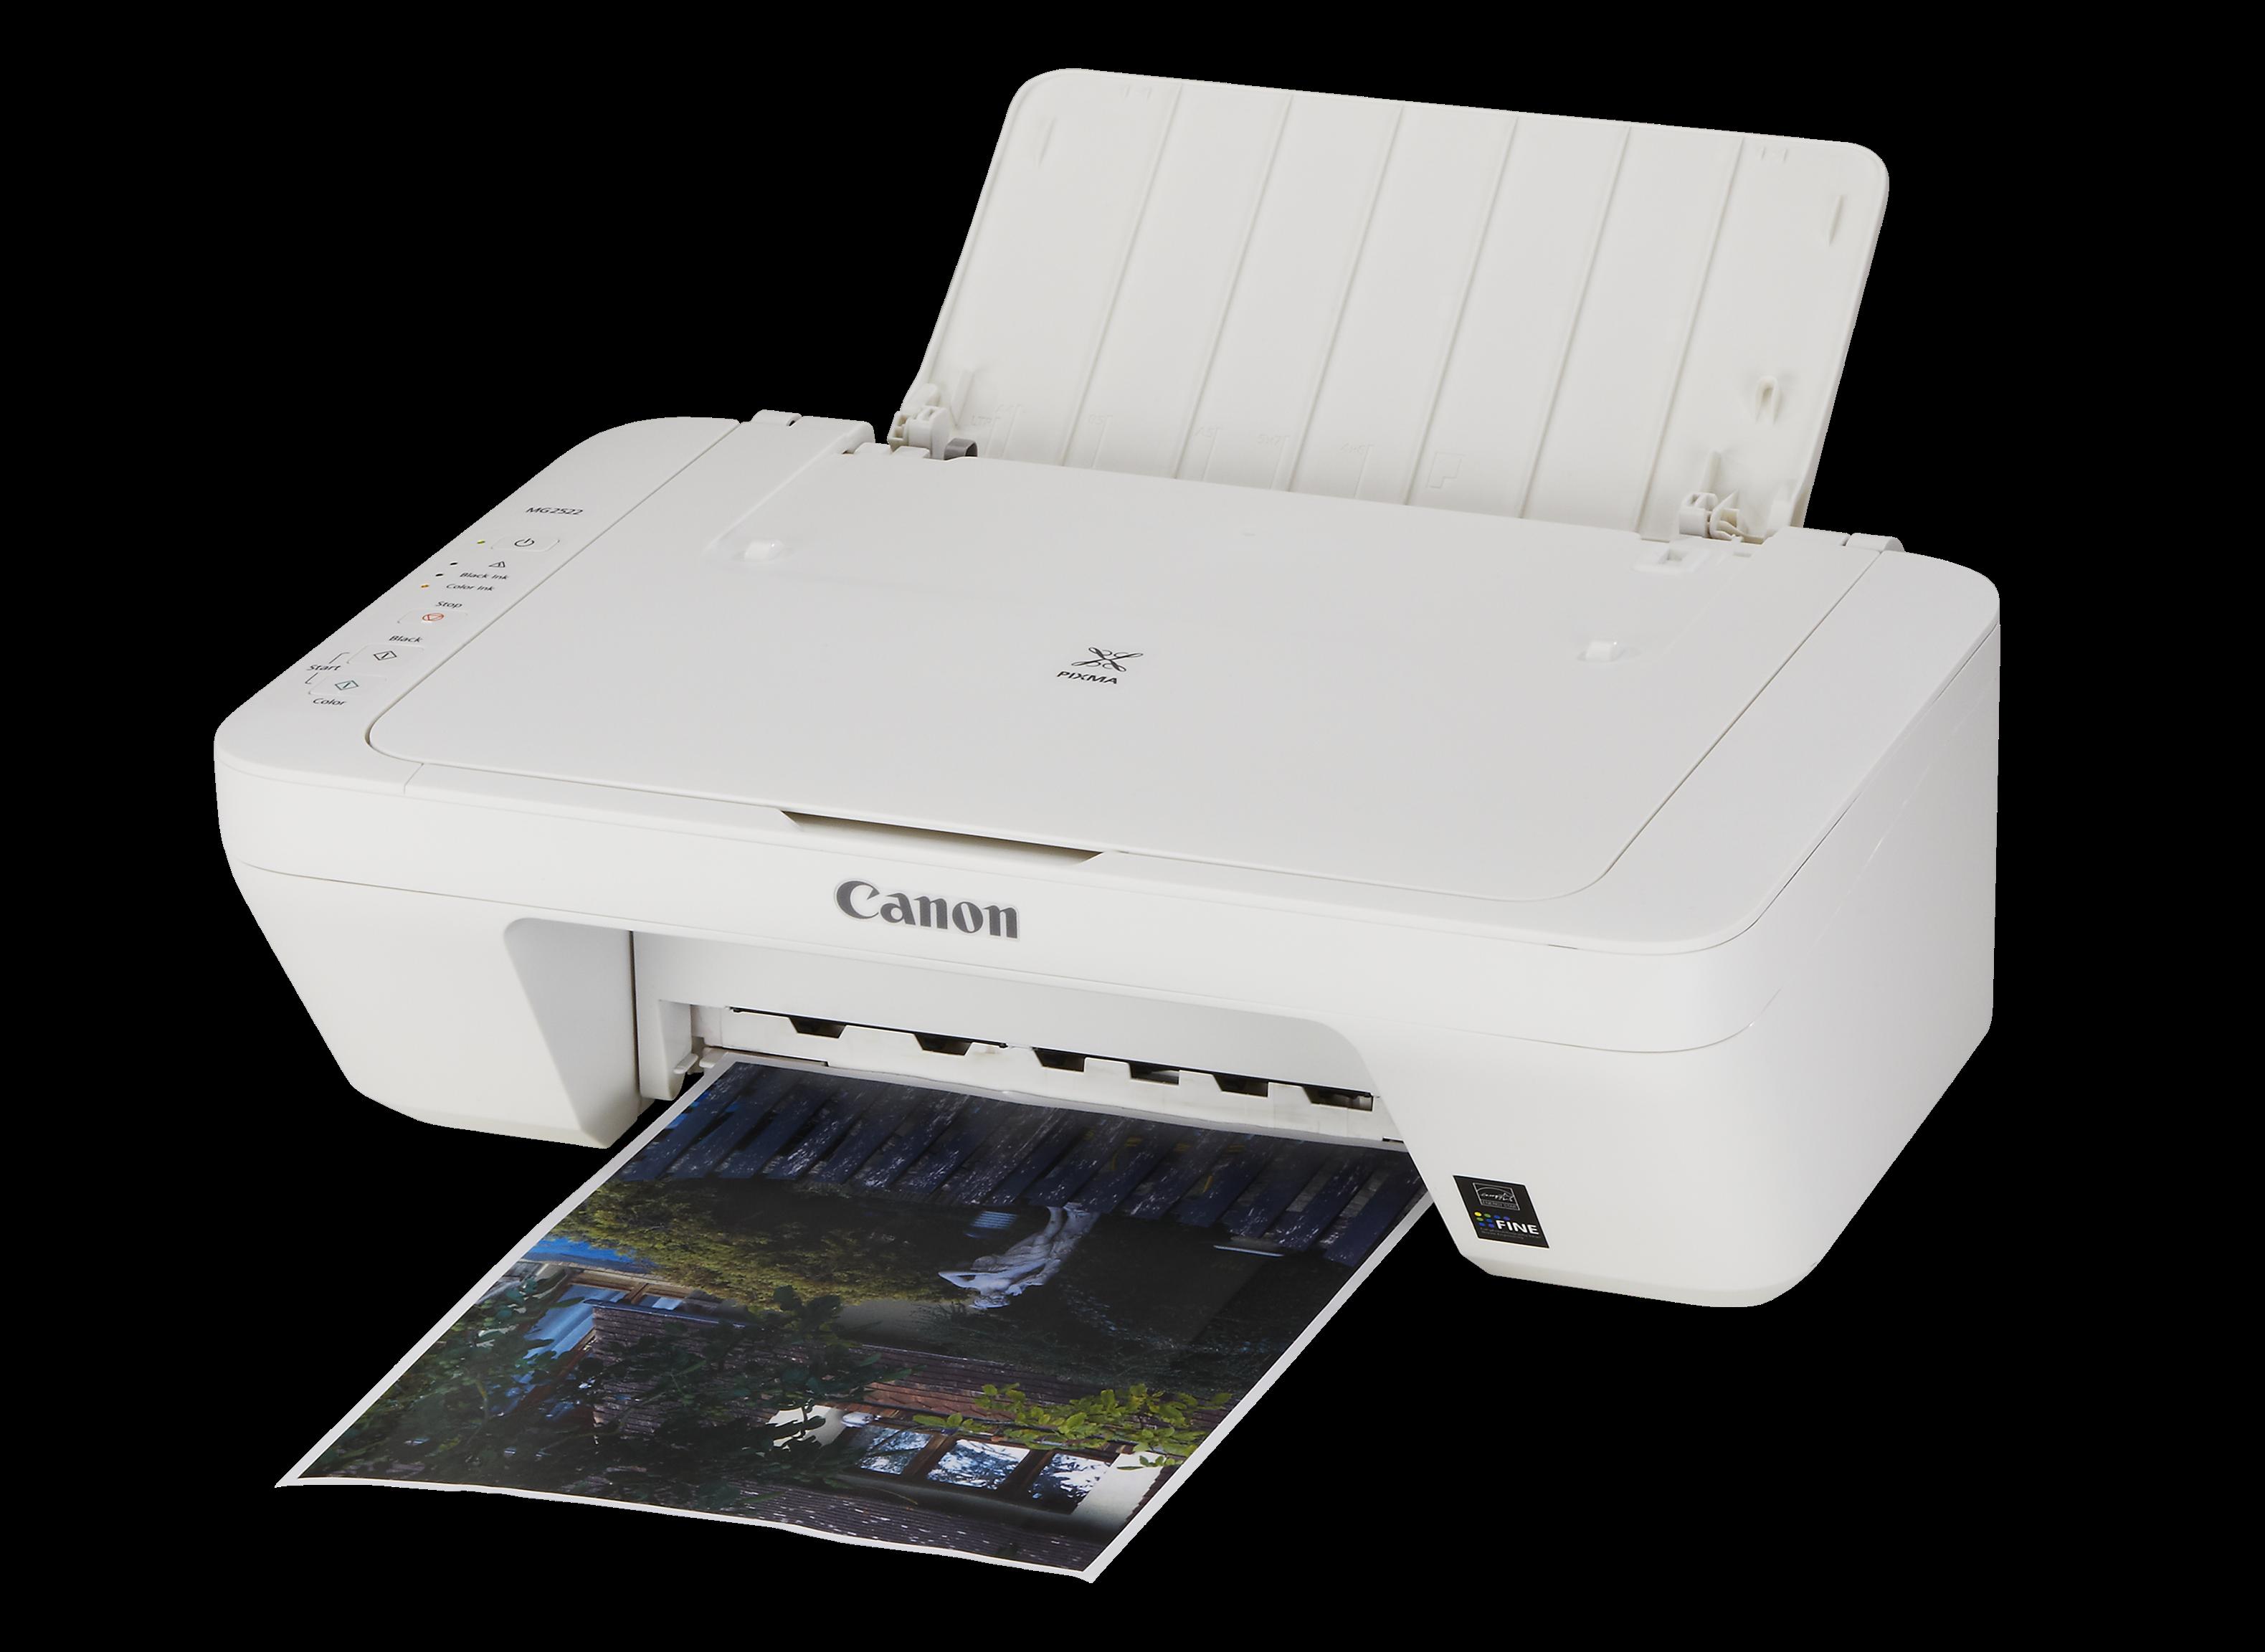 Canon Pixma MG20 Printer   Consumer Reports